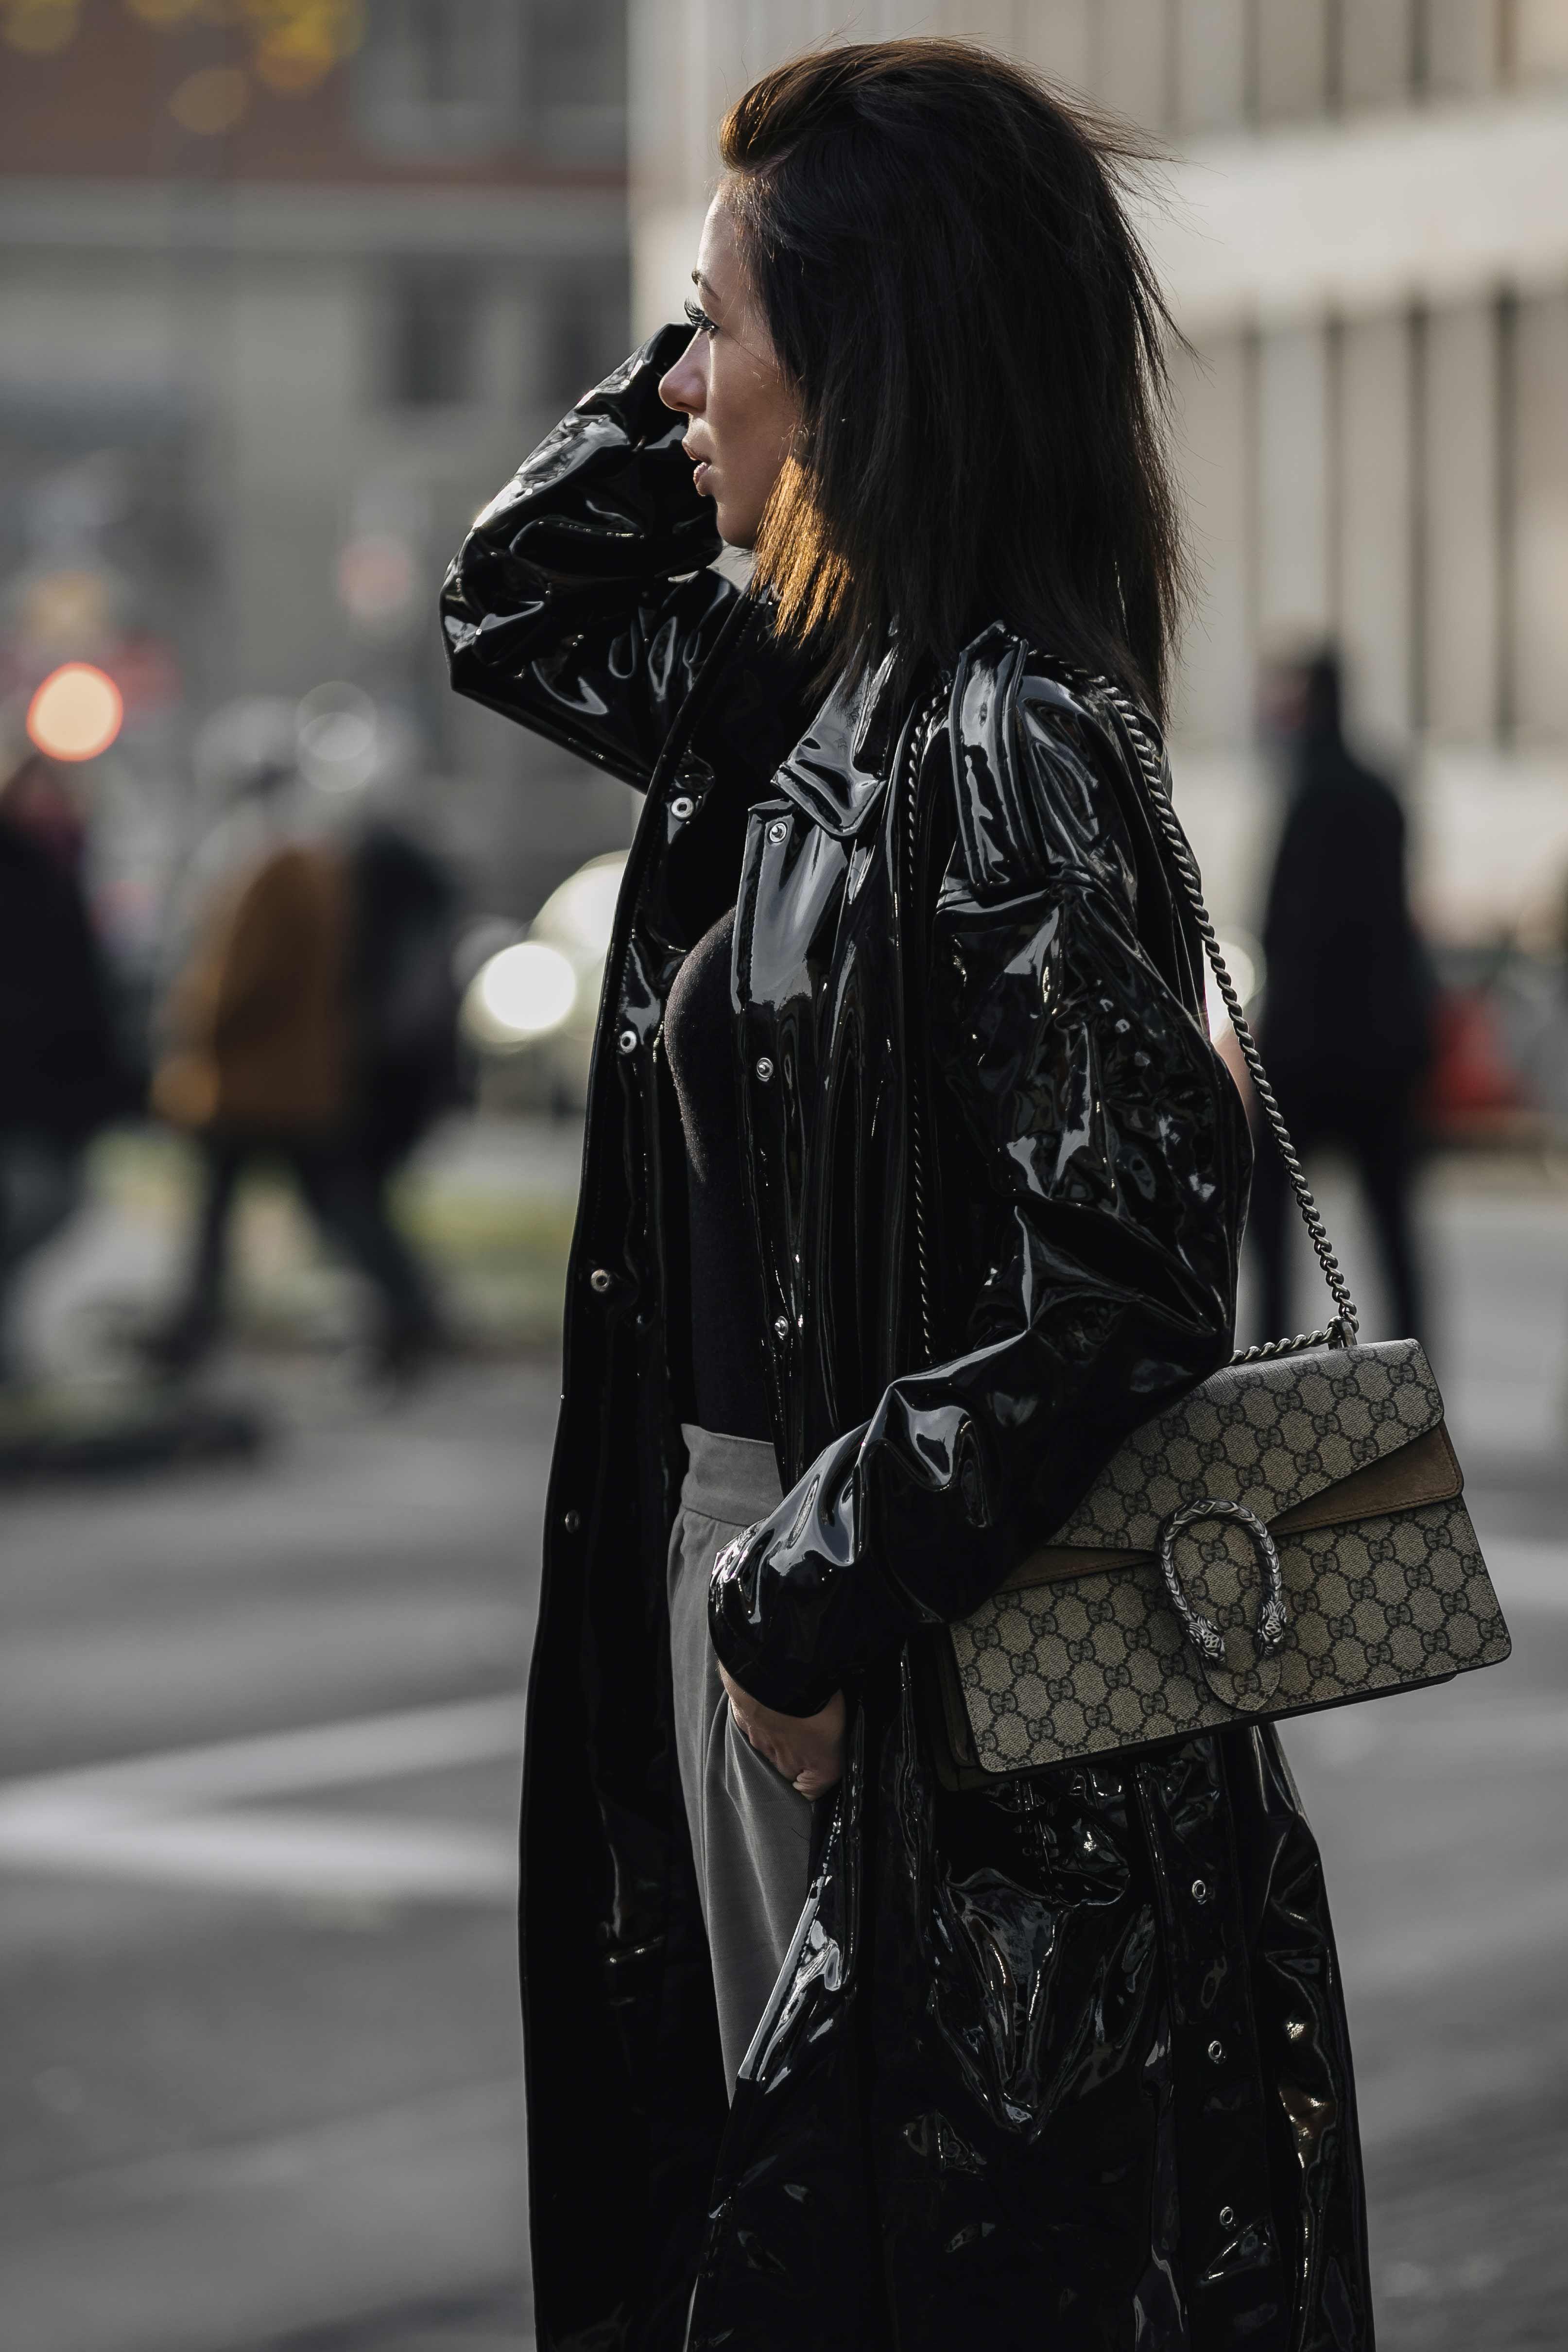 Mode Bloggerin Jasmin Kessler trägt einen schwarzen Vinyl ...